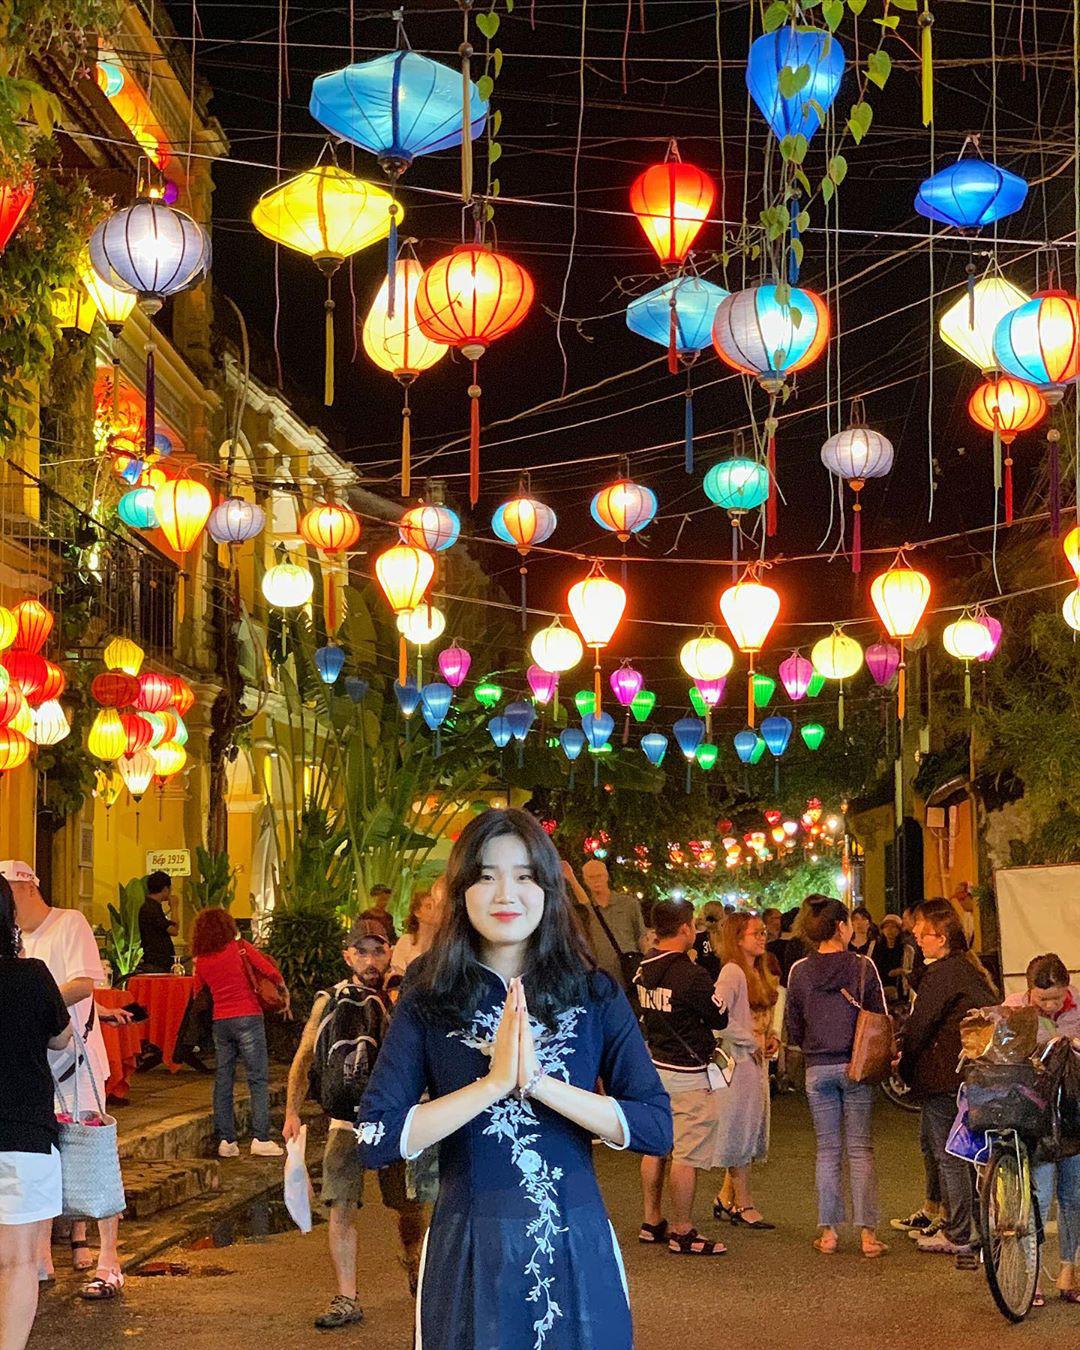 So sánh tour du lịch Hà Nội – Đà Nẵng – Hội An 3 ngày 2 đêm - Ảnh 1.